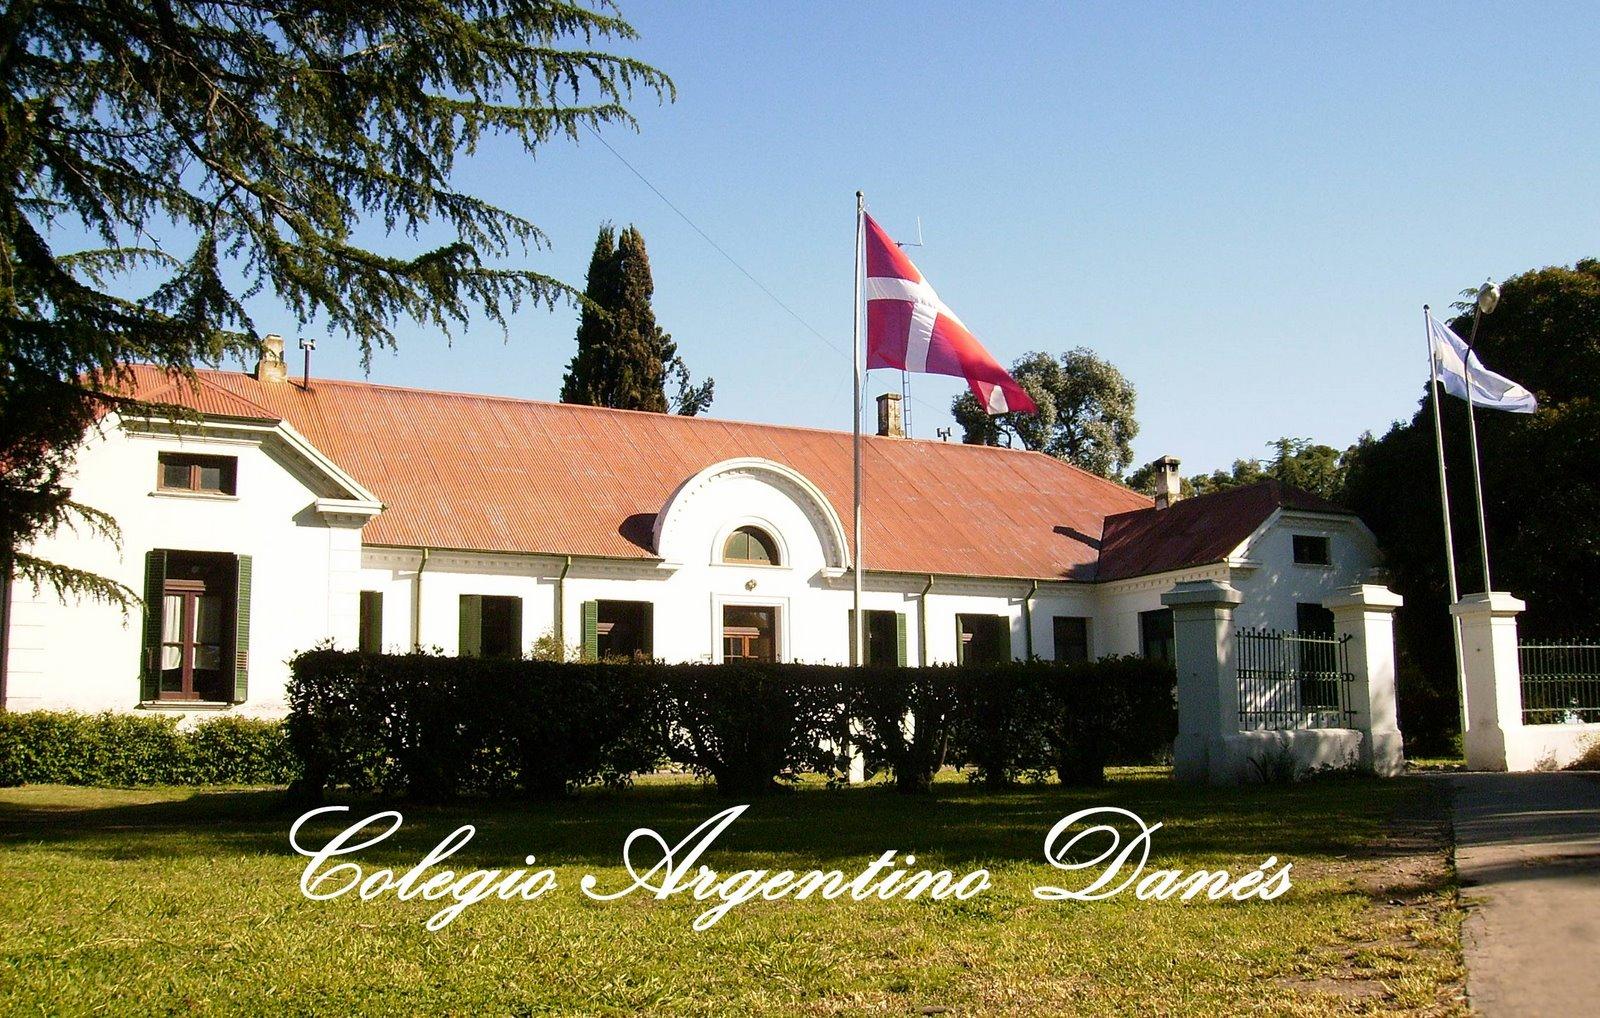 Colegio Argentino Danés